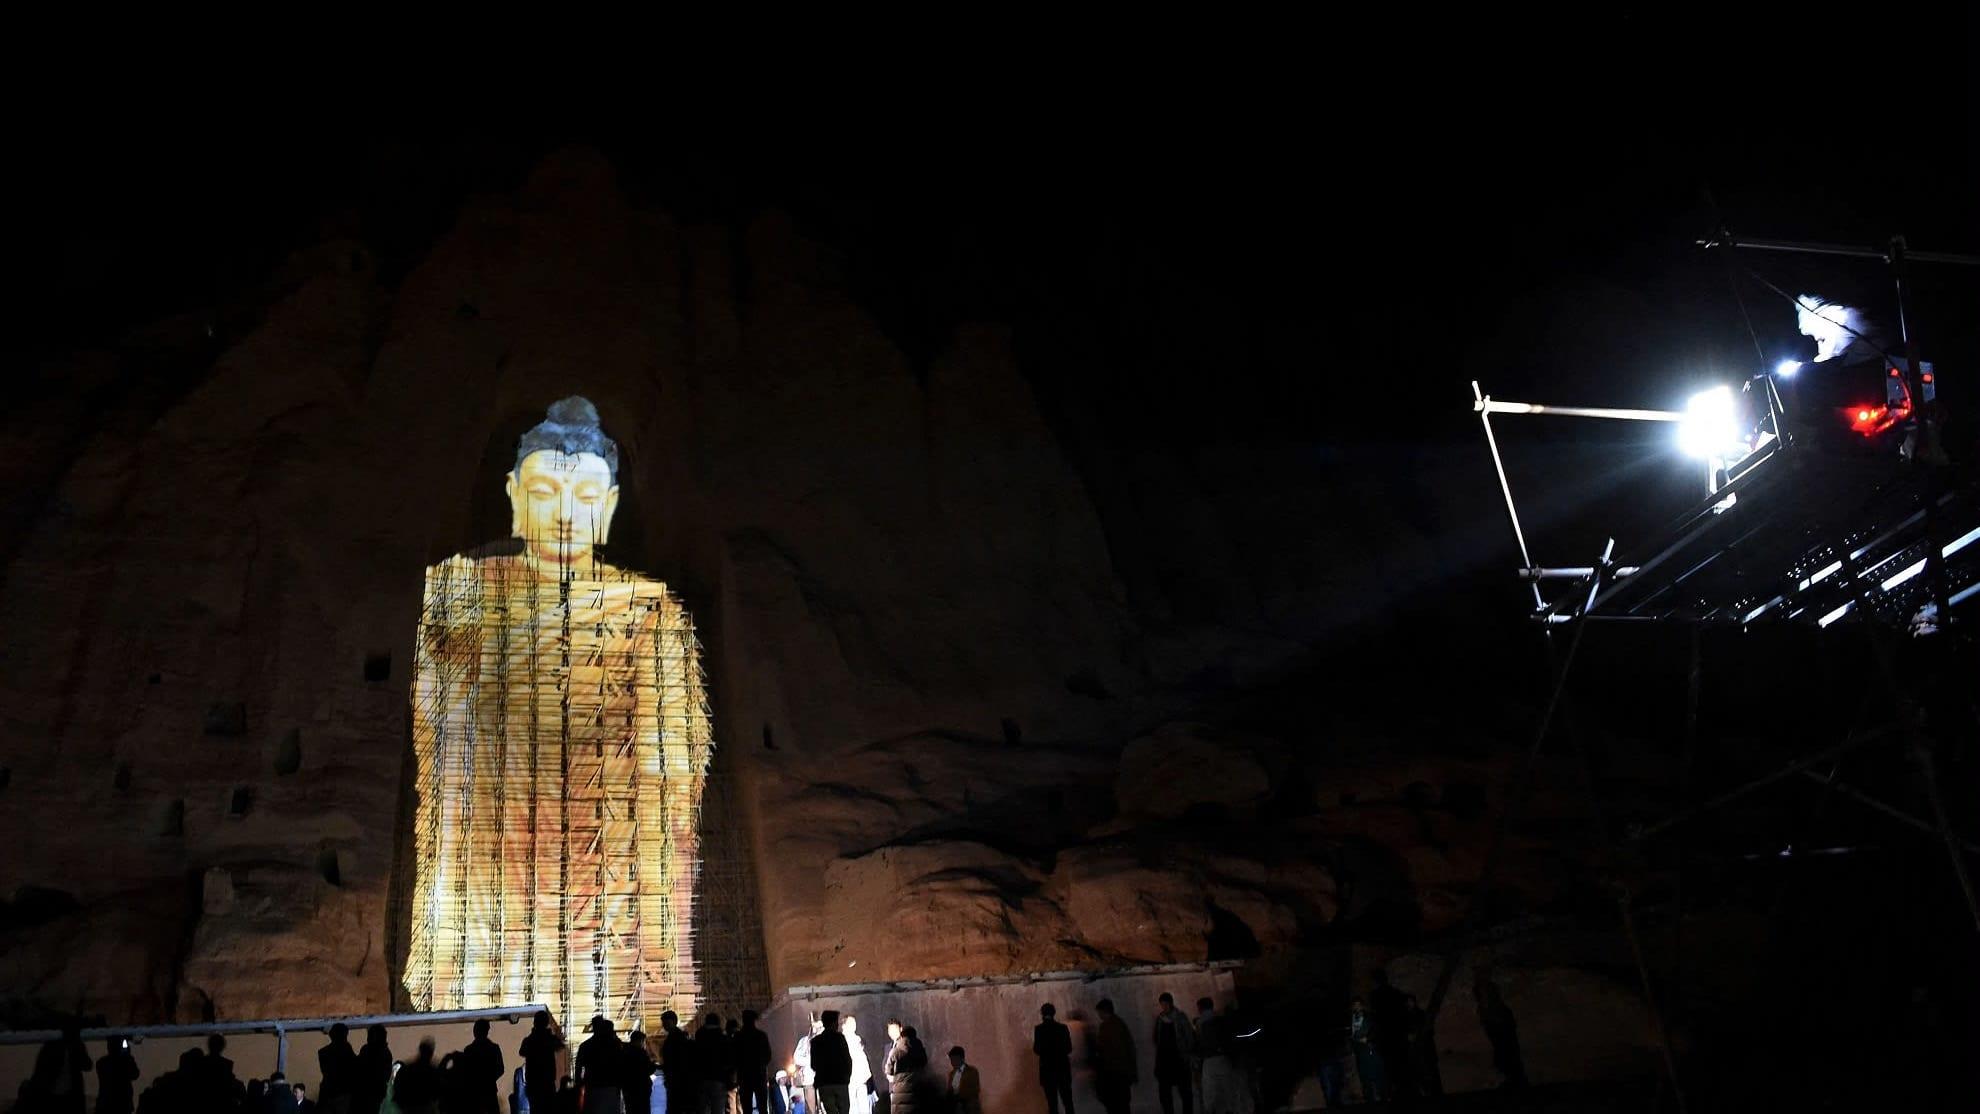 Lähes 60 metriä korkea 3D-Buddha loisti 9. maaliskuuta Bamiyanin laaksossa Afganistanissa.